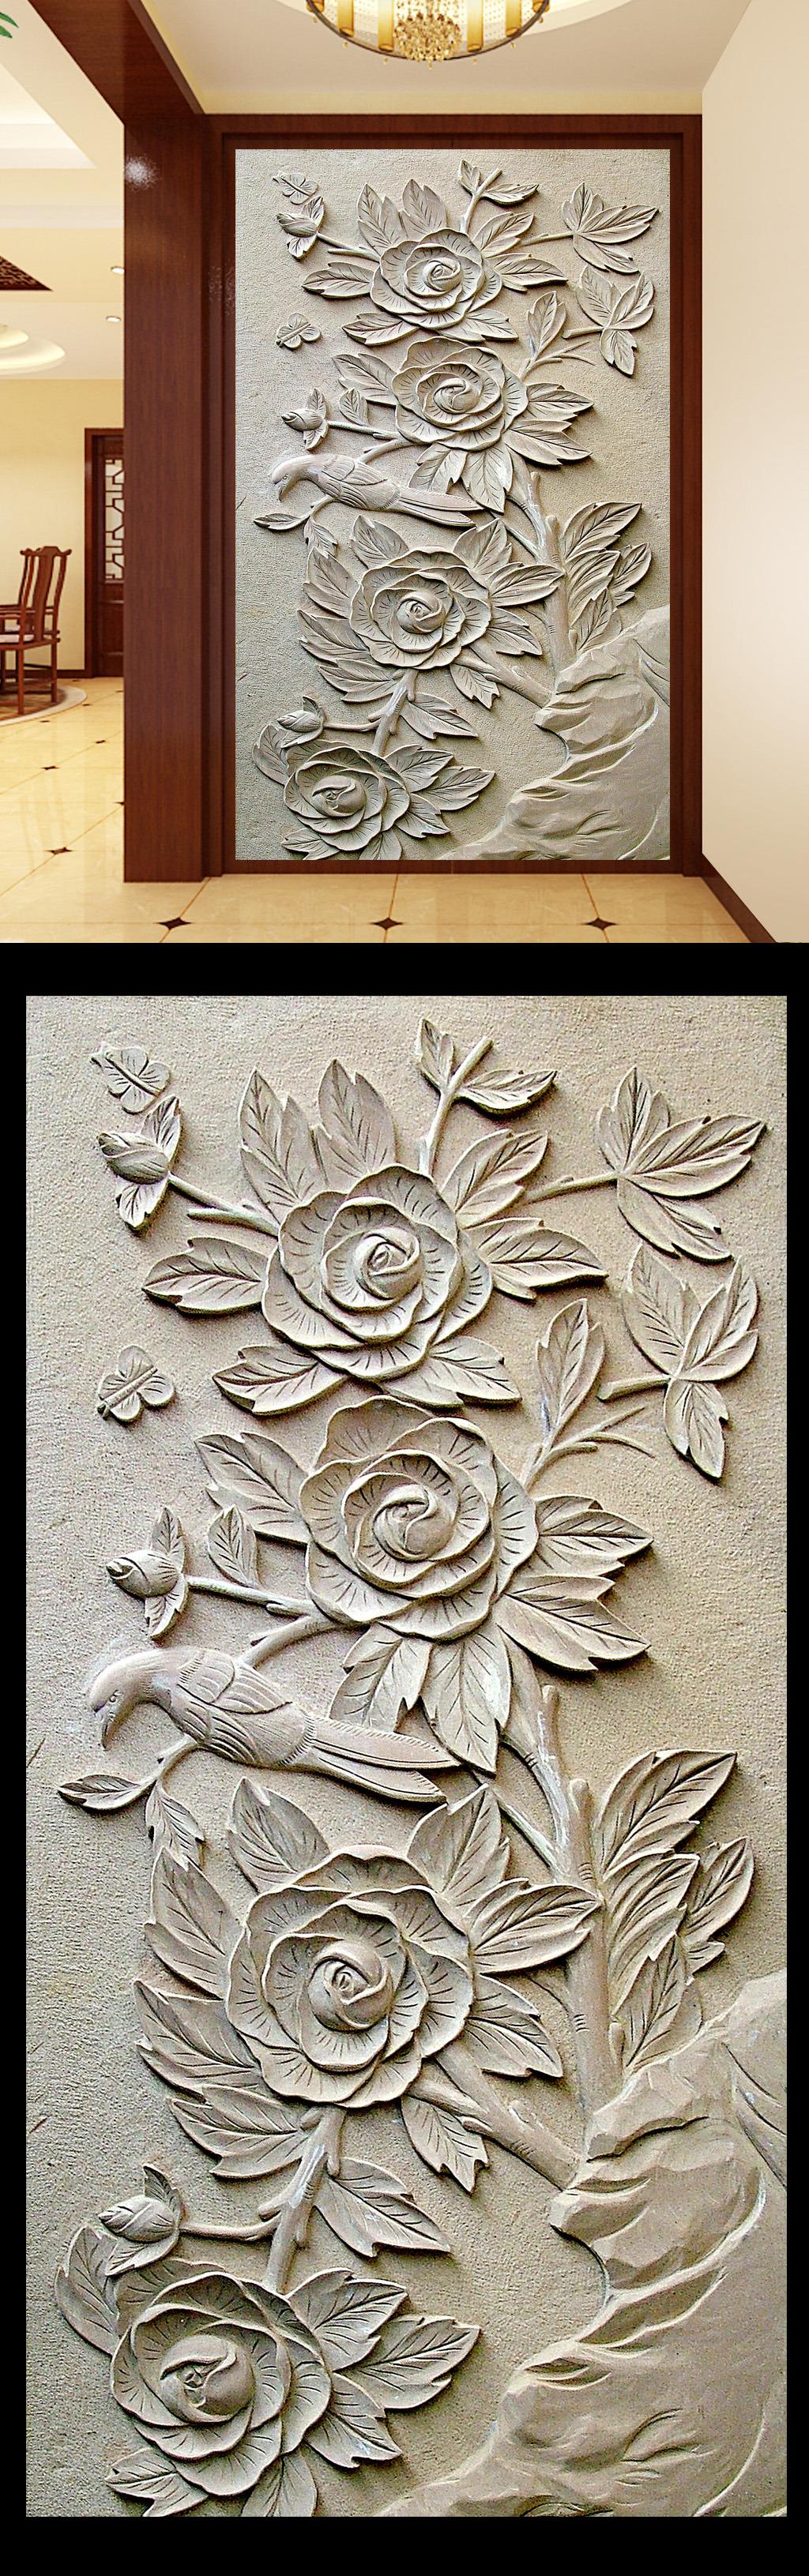 3d木雕浮雕玄关宾馆墙画设计模板